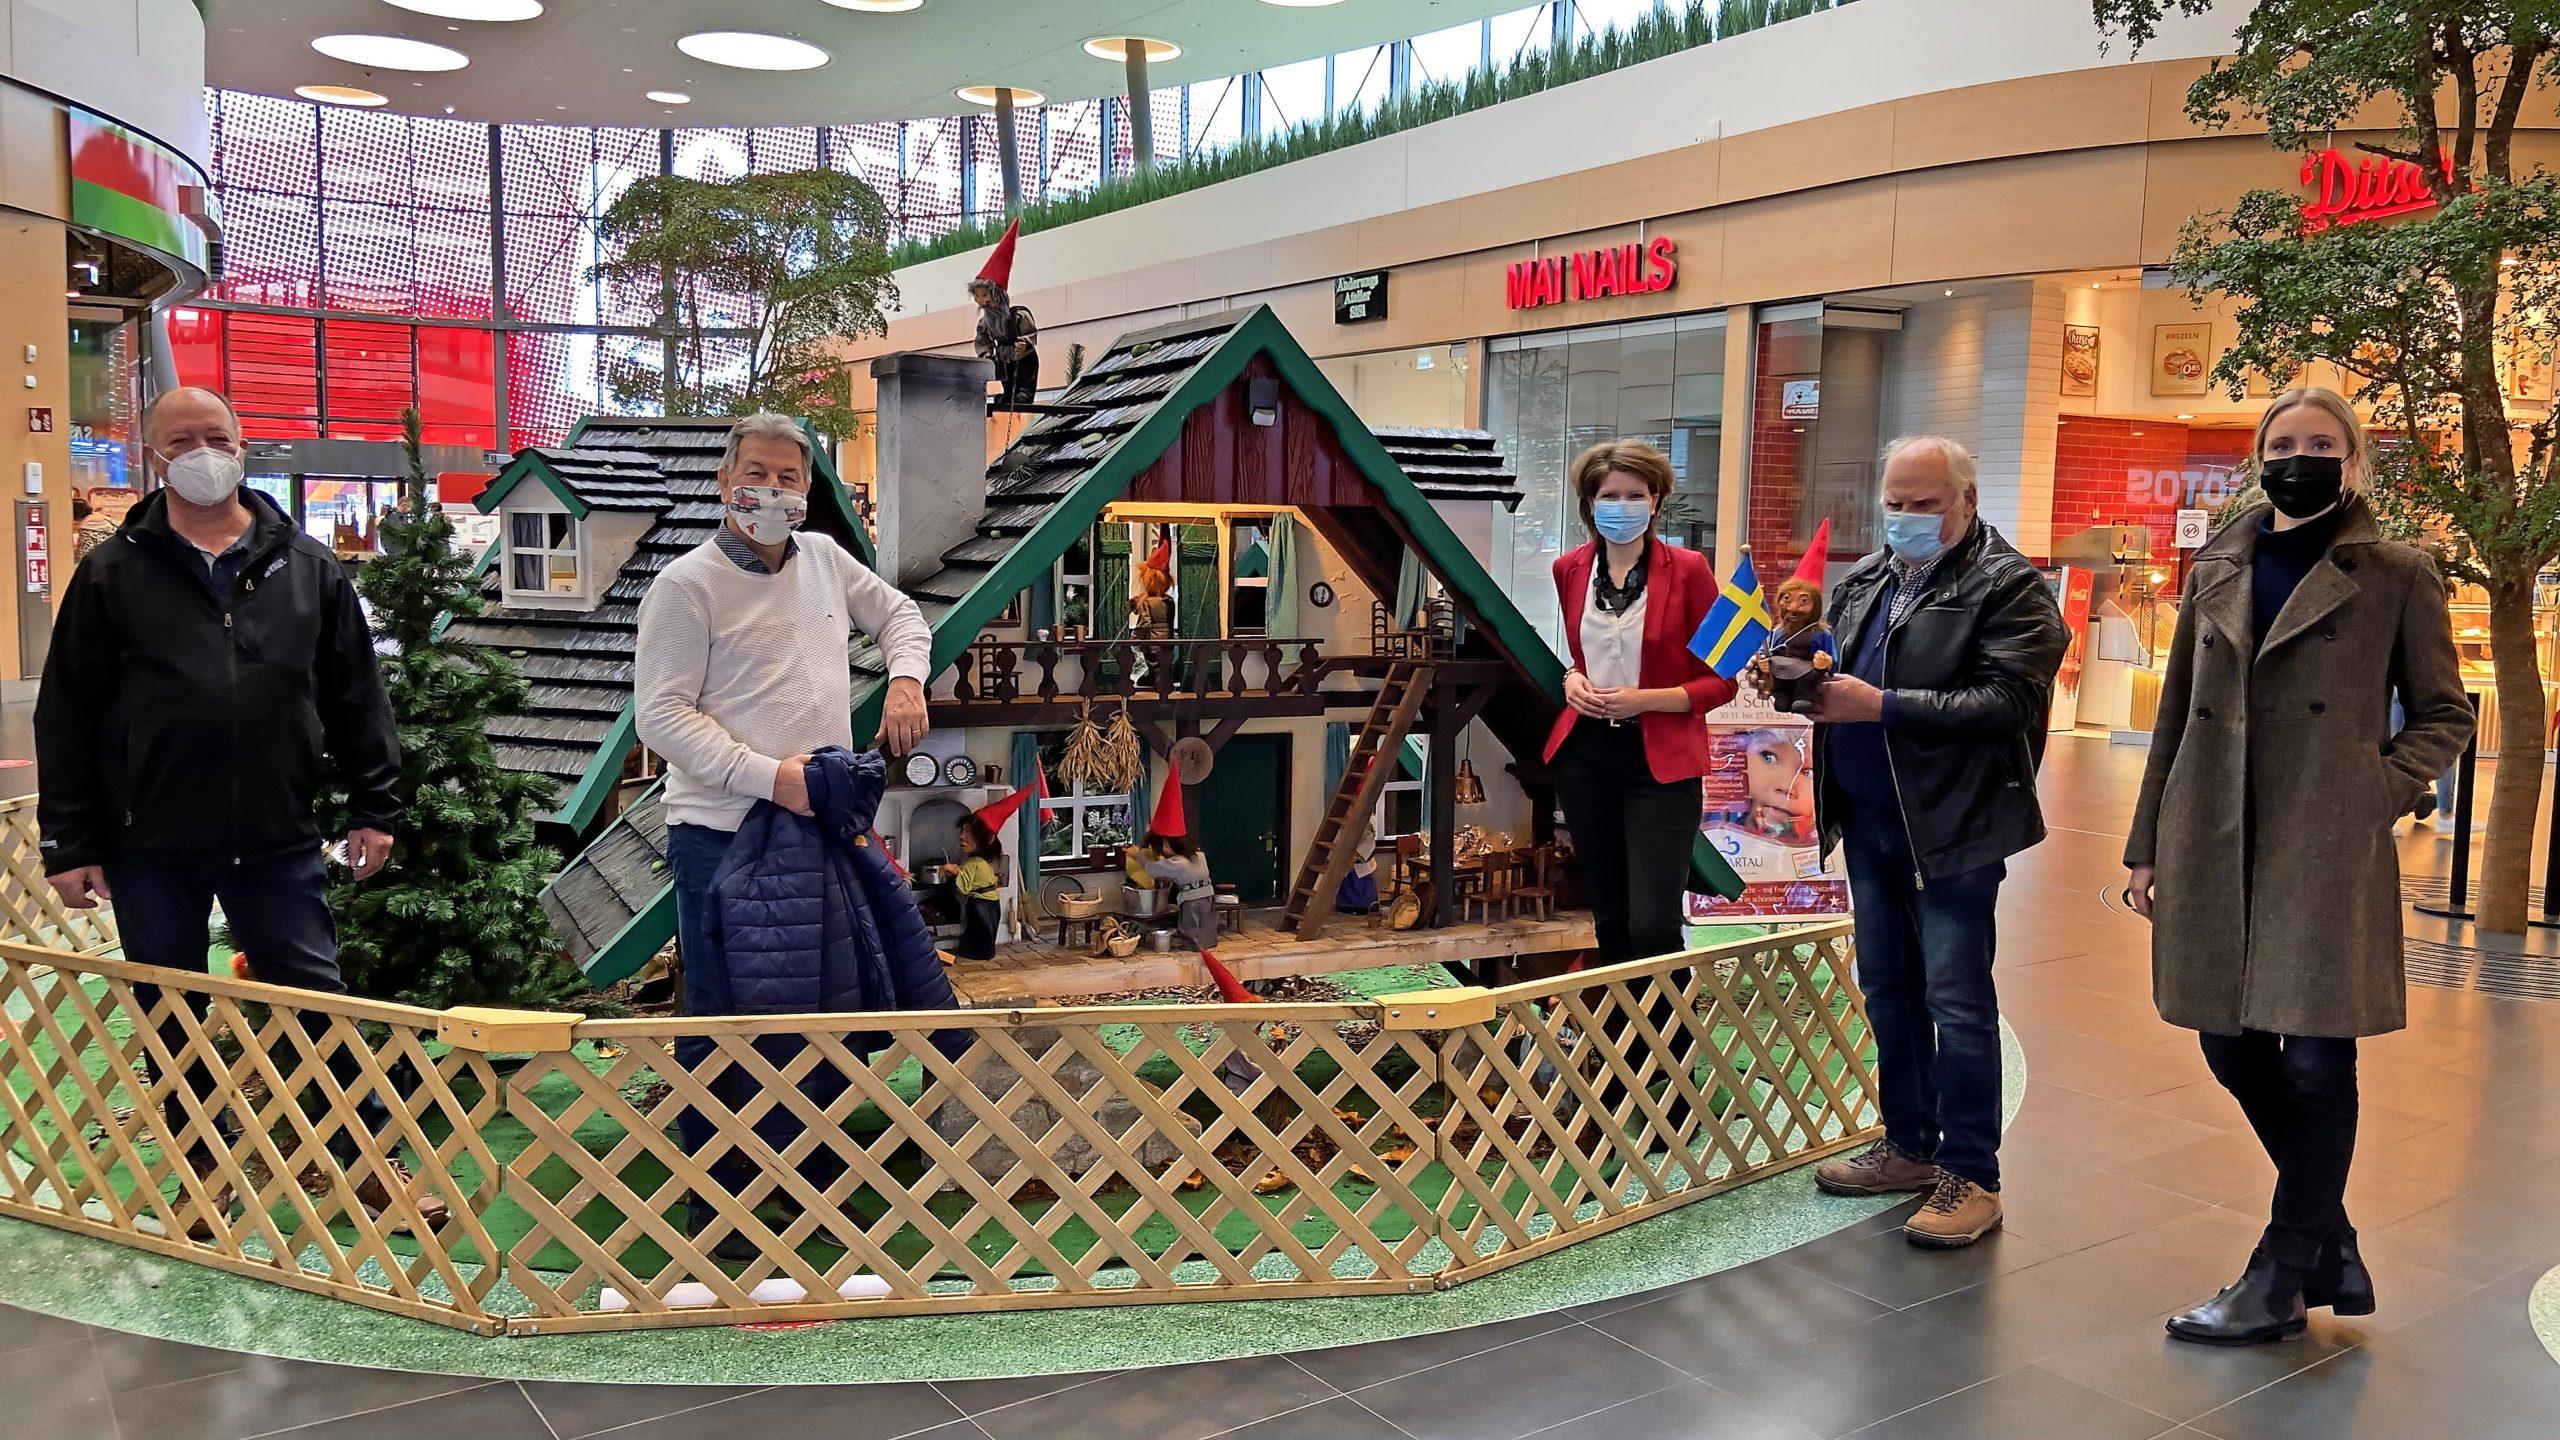 Da sind sie wieder, die fleißigen Zwerge: Bis Weihnachten werden die Häuser der Zwerge in der Mall vor dem Edeka-Markt bleiben.